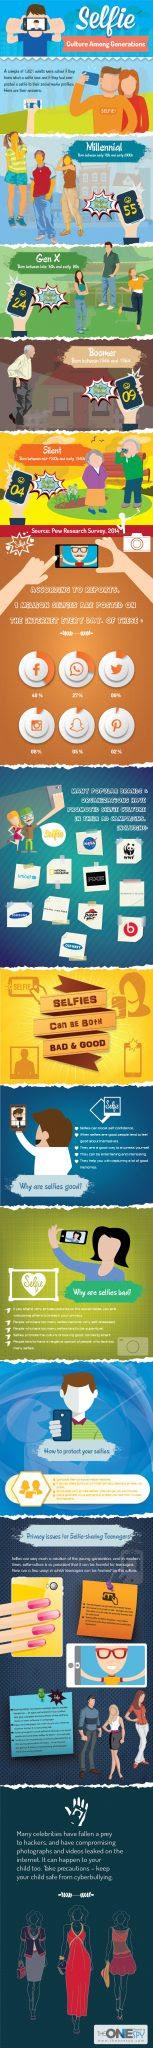 Selfie Trends Between Generation